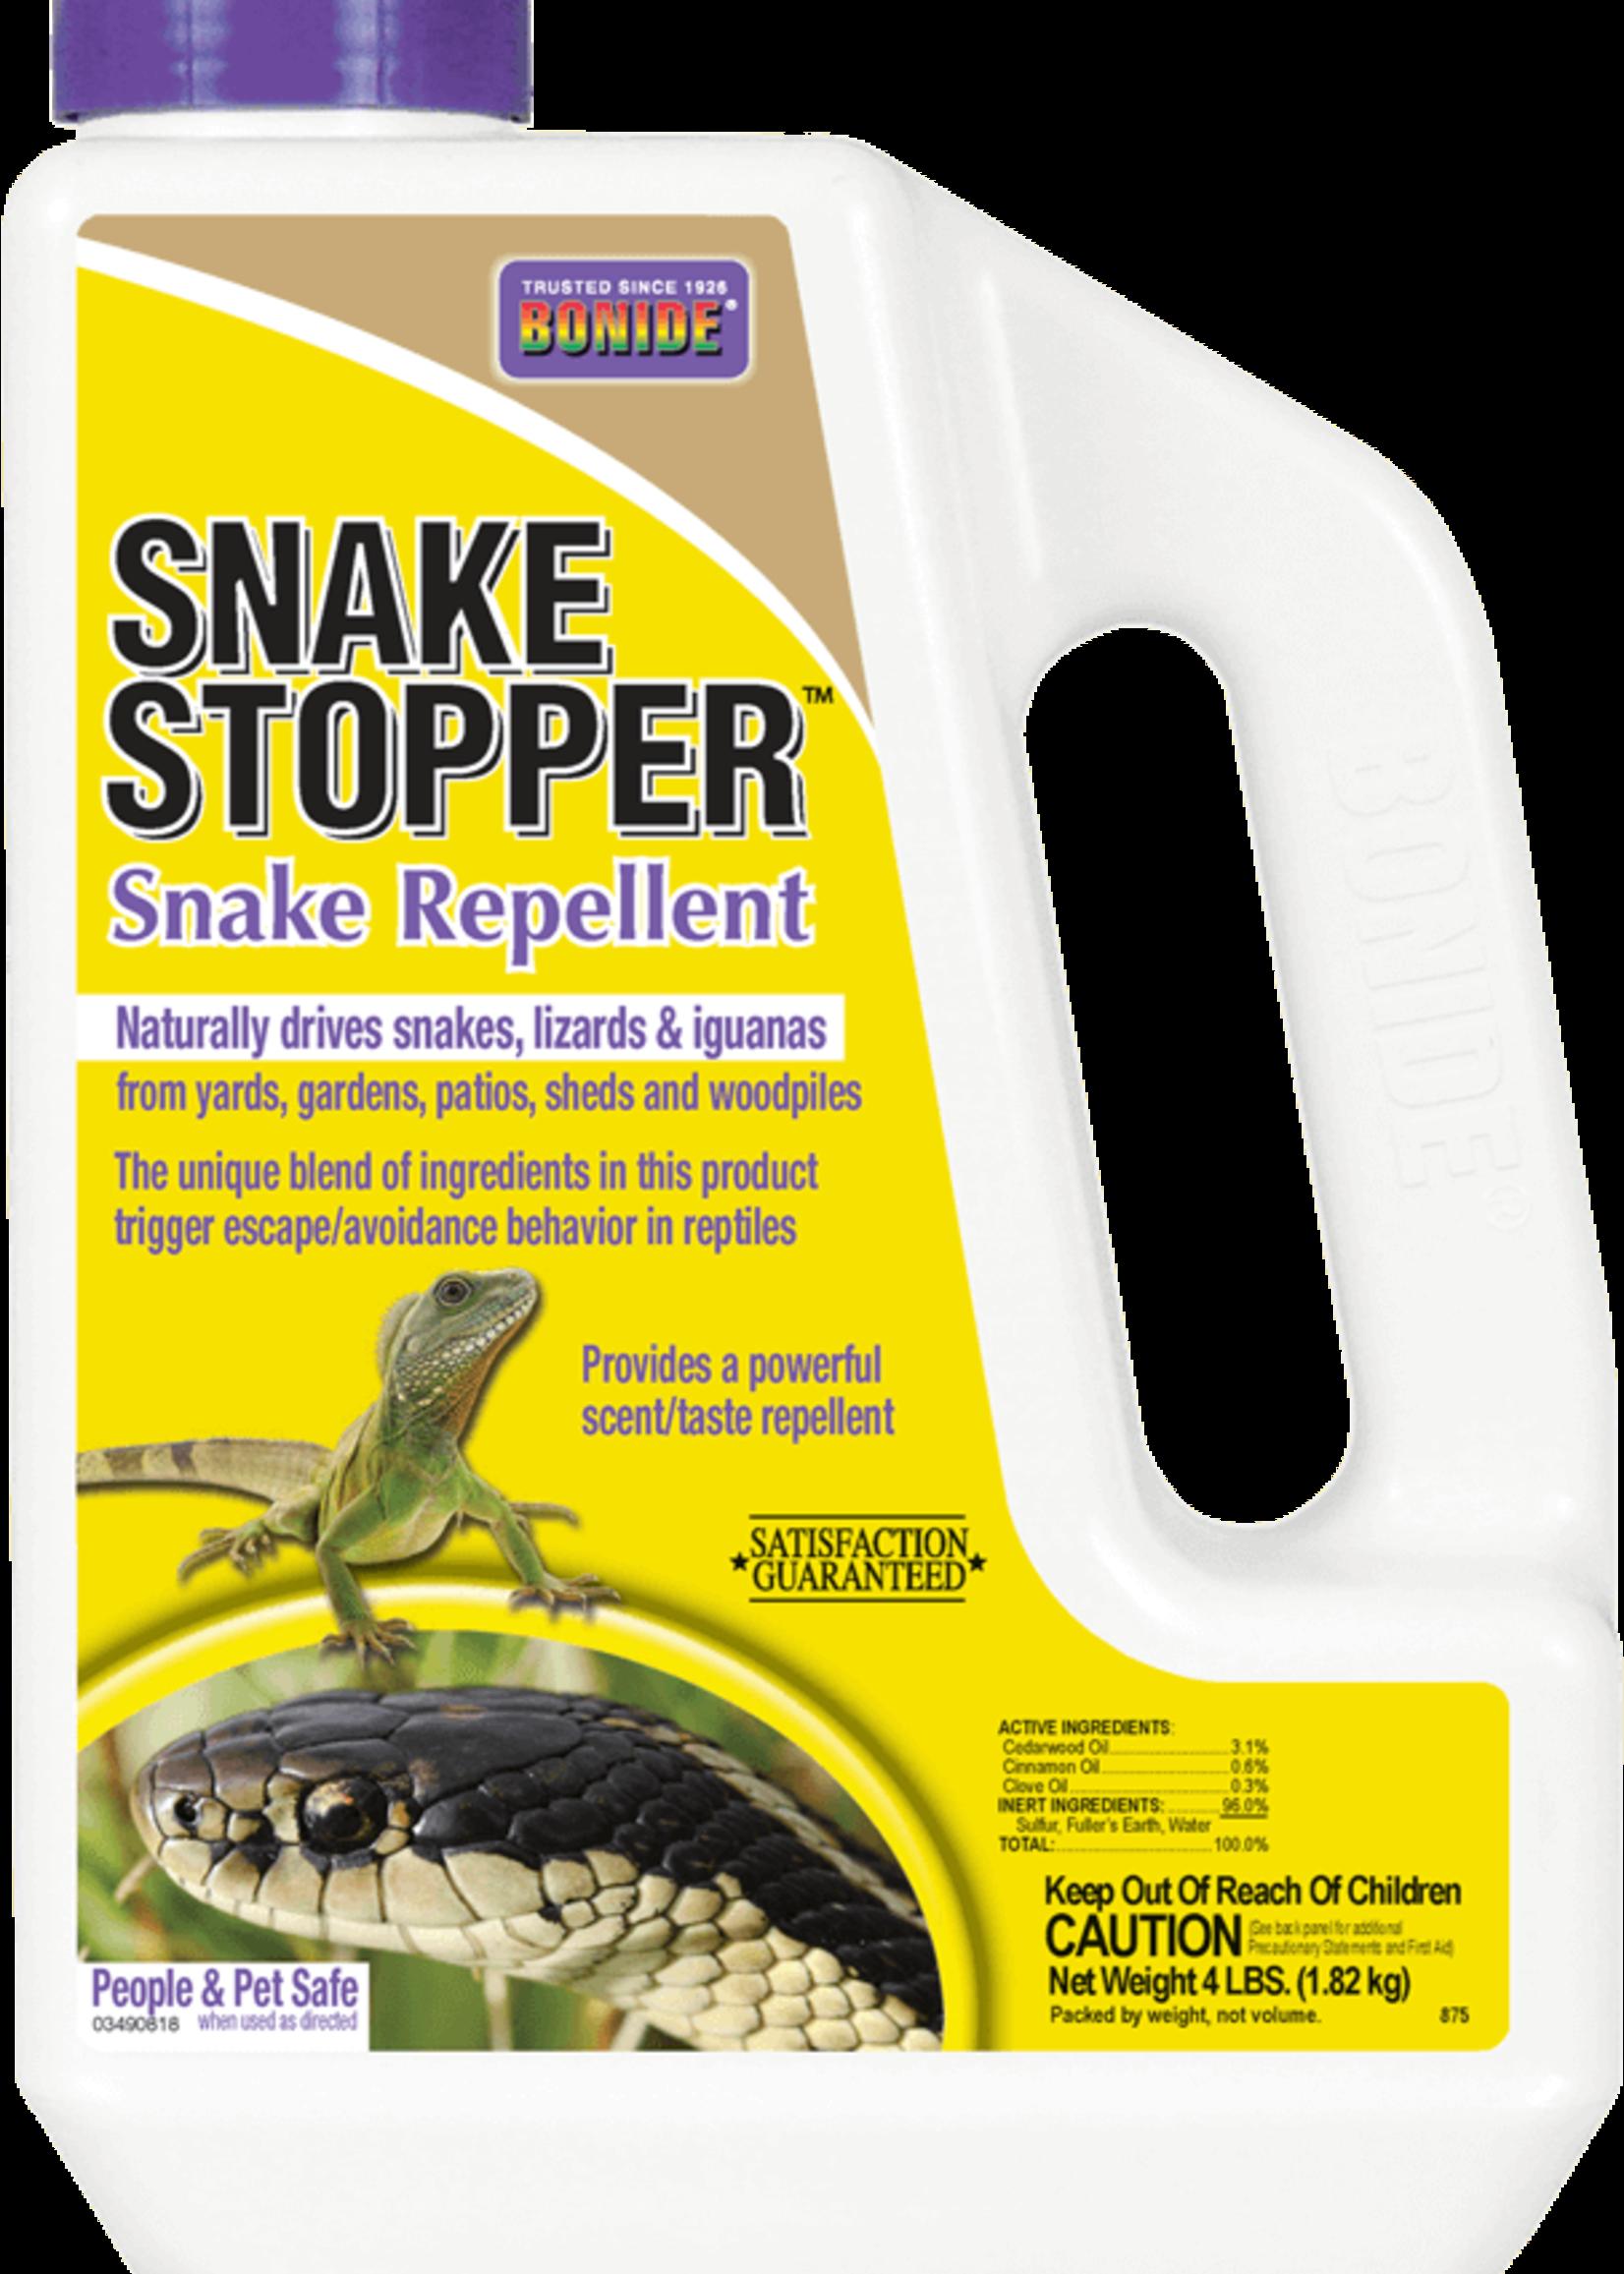 BONIDE Snake Stopper 4 lb.